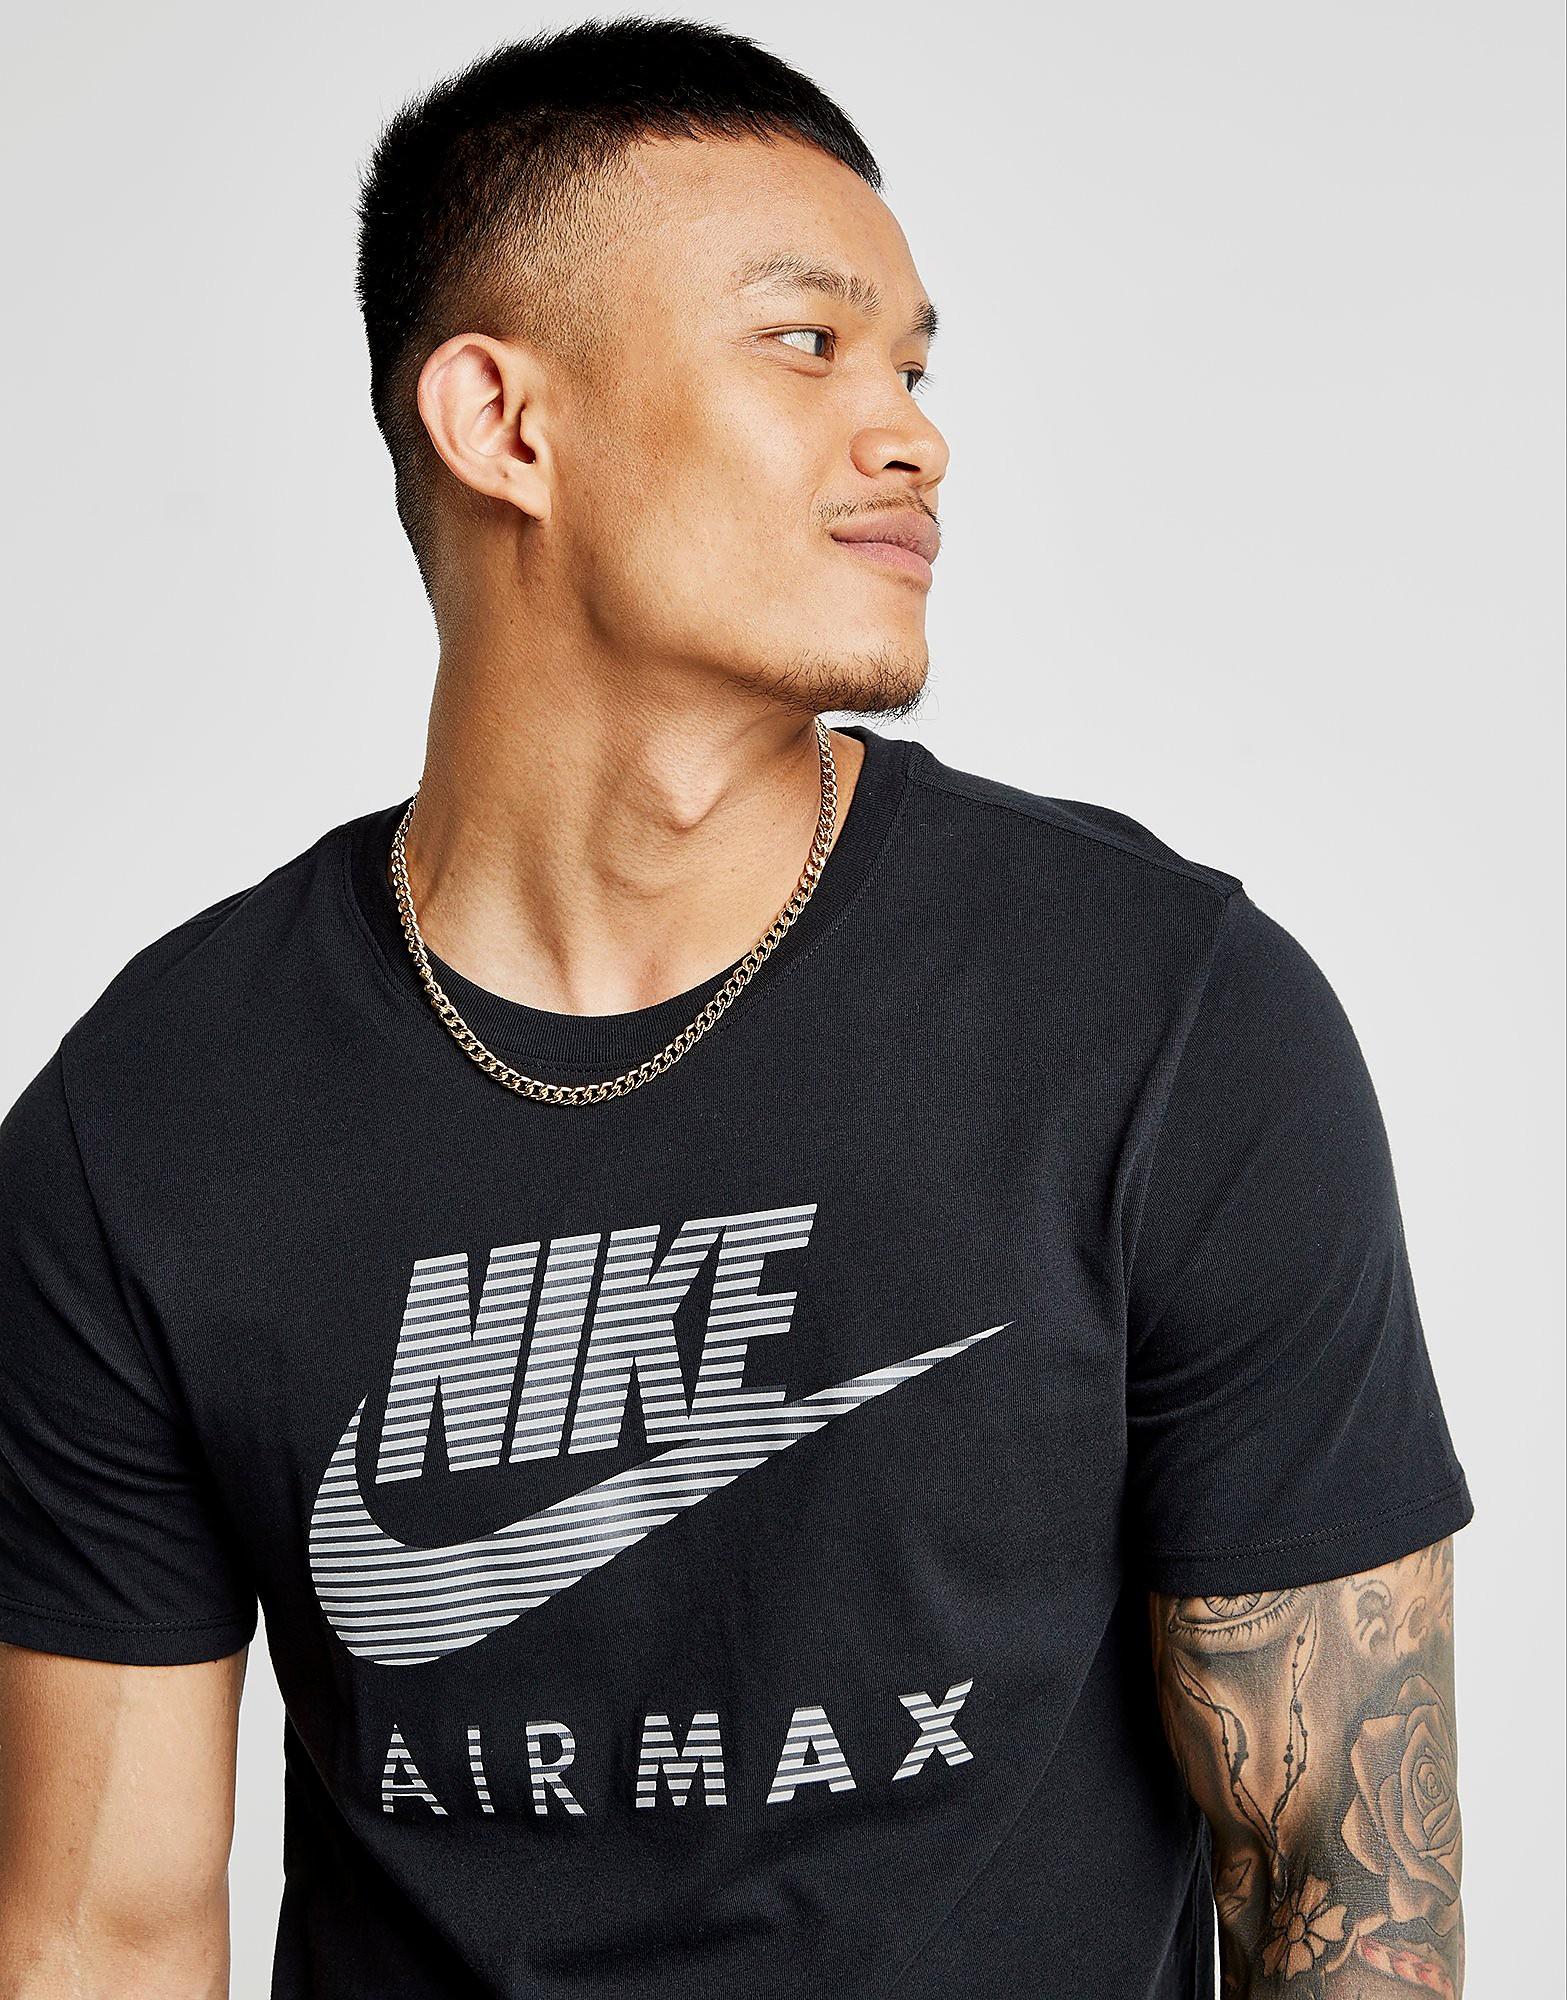 Nike Air Max Reflective T-Shirt